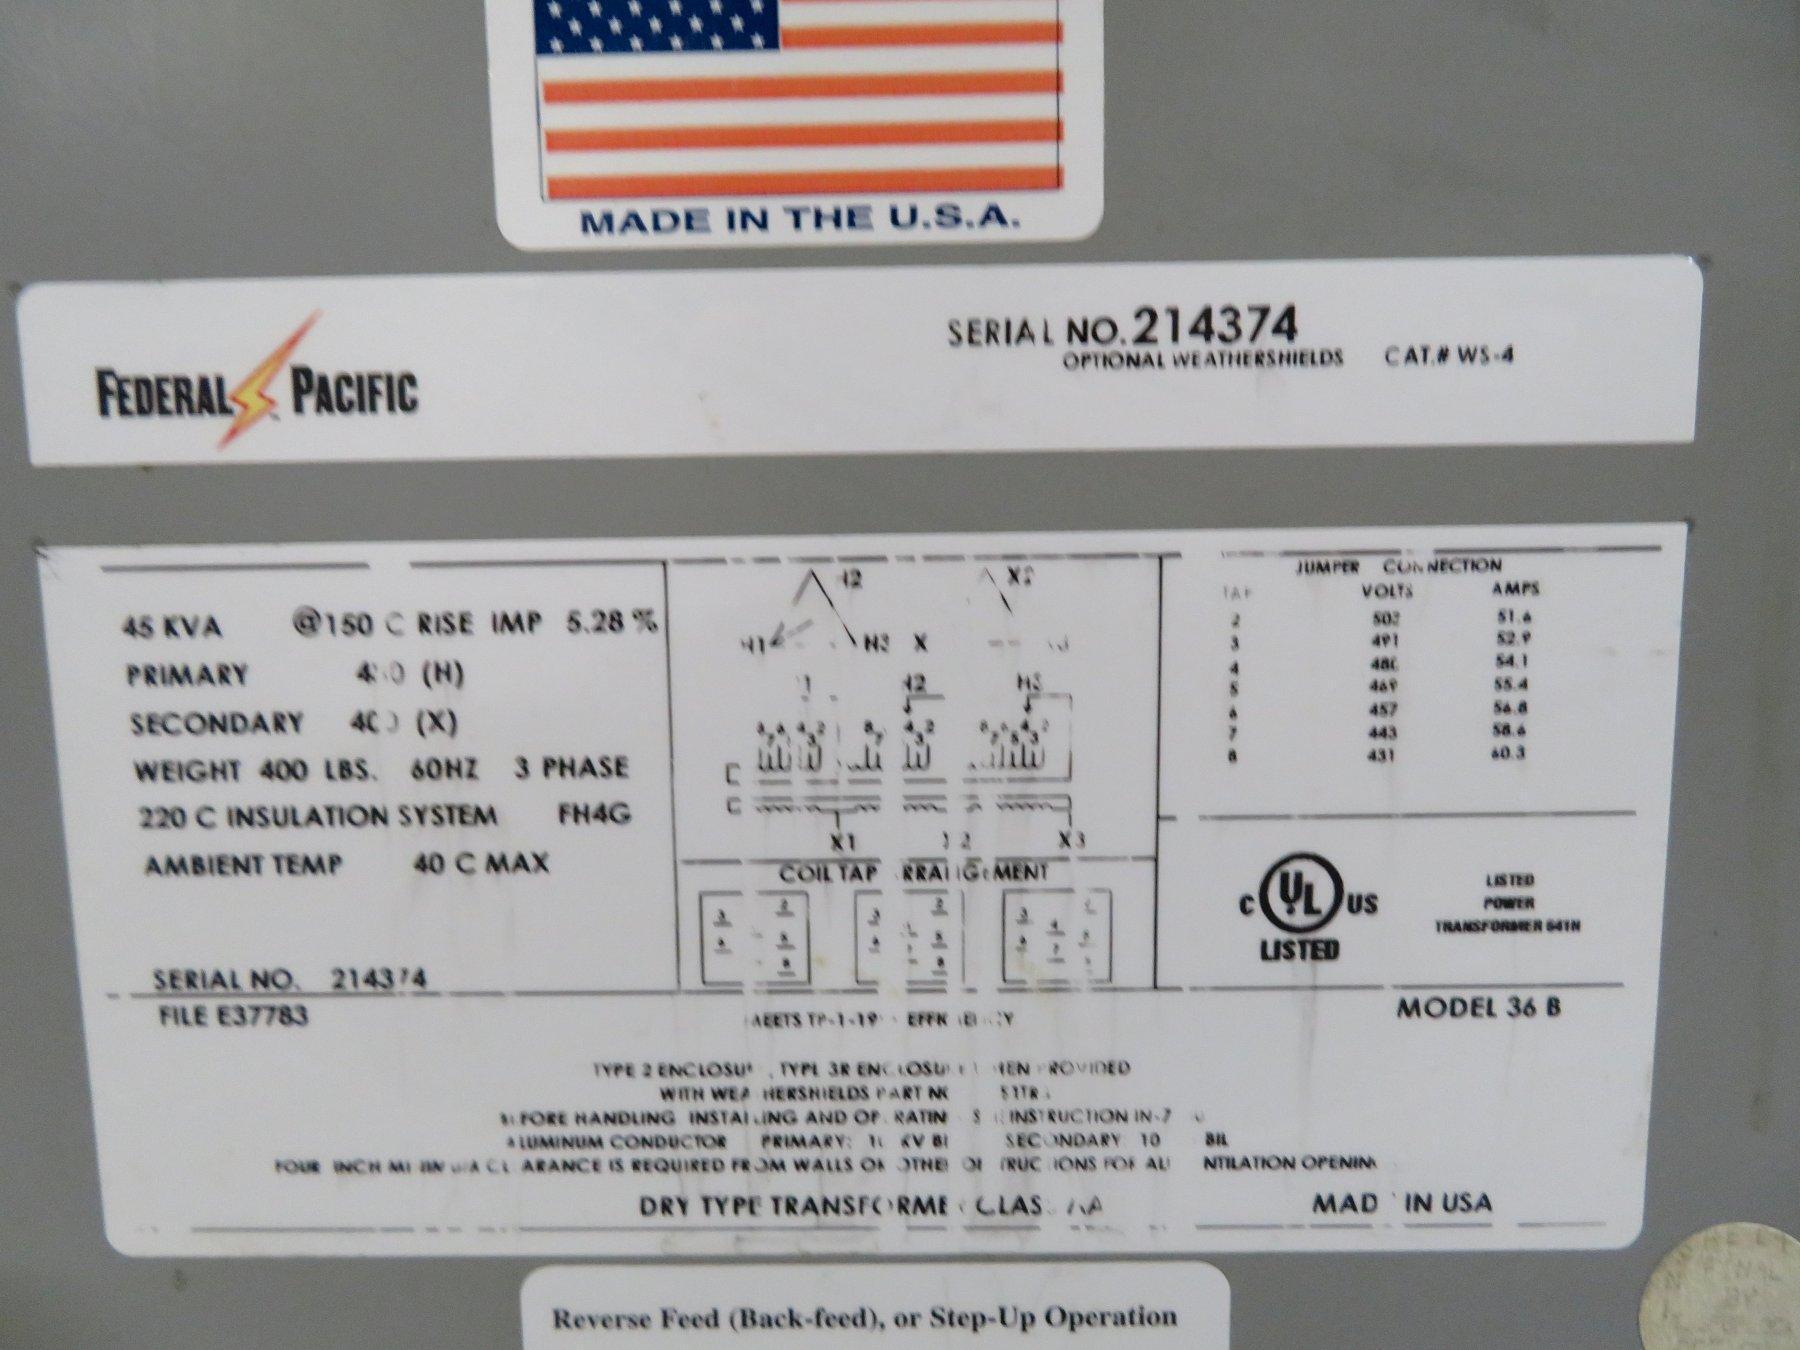 Federal Pacific Used 36B 3 Phase Transformer, 45KVA, 460V, 400V